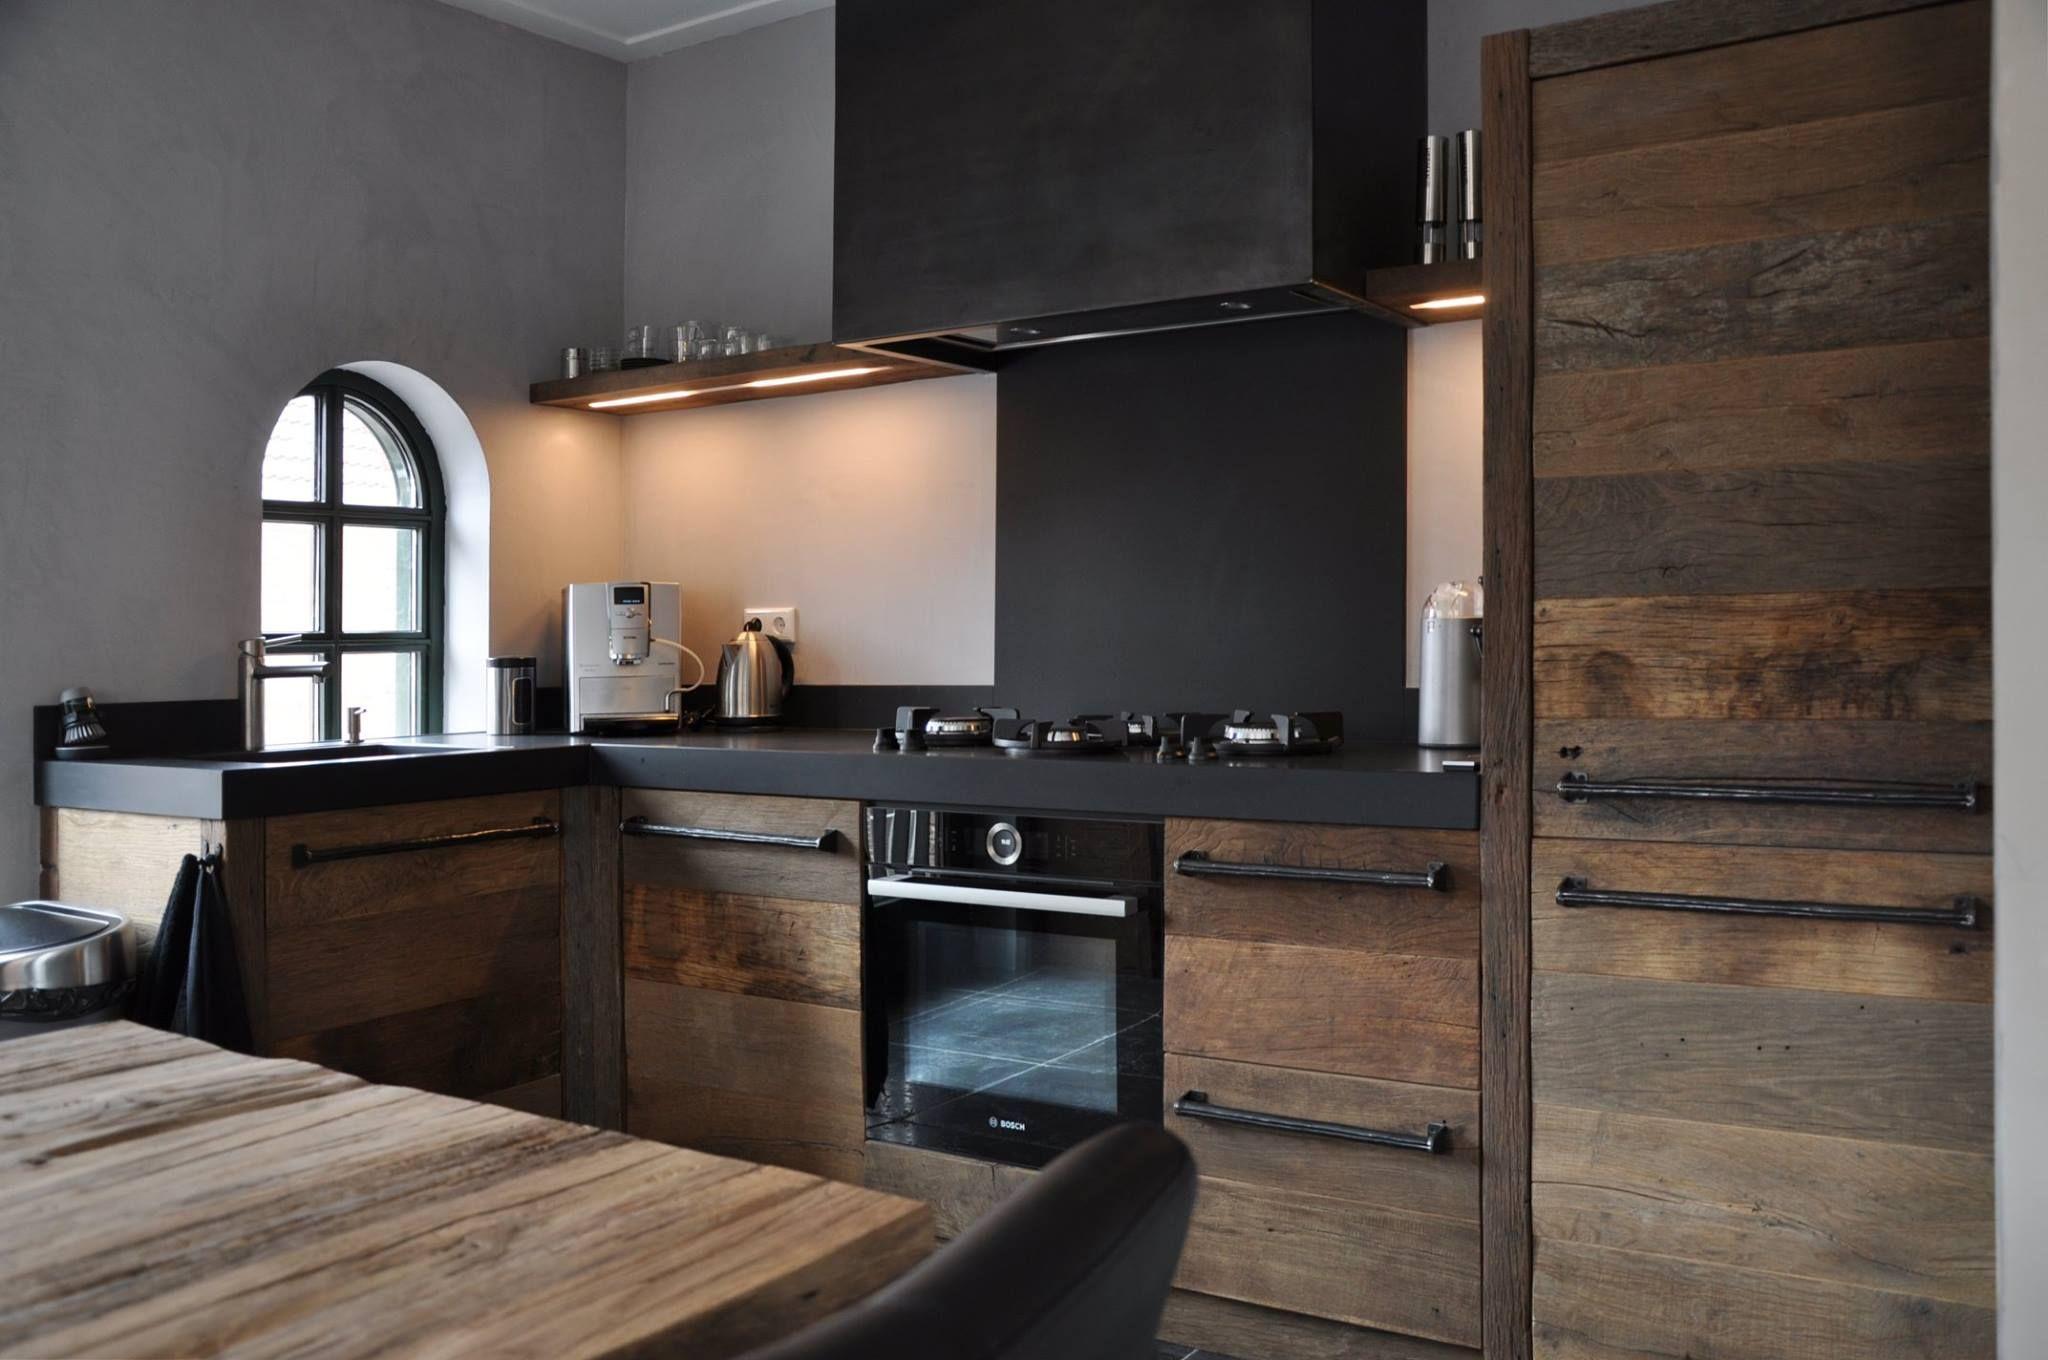 Restylexl keuken oud eikenhout product in beeld startpagina voor